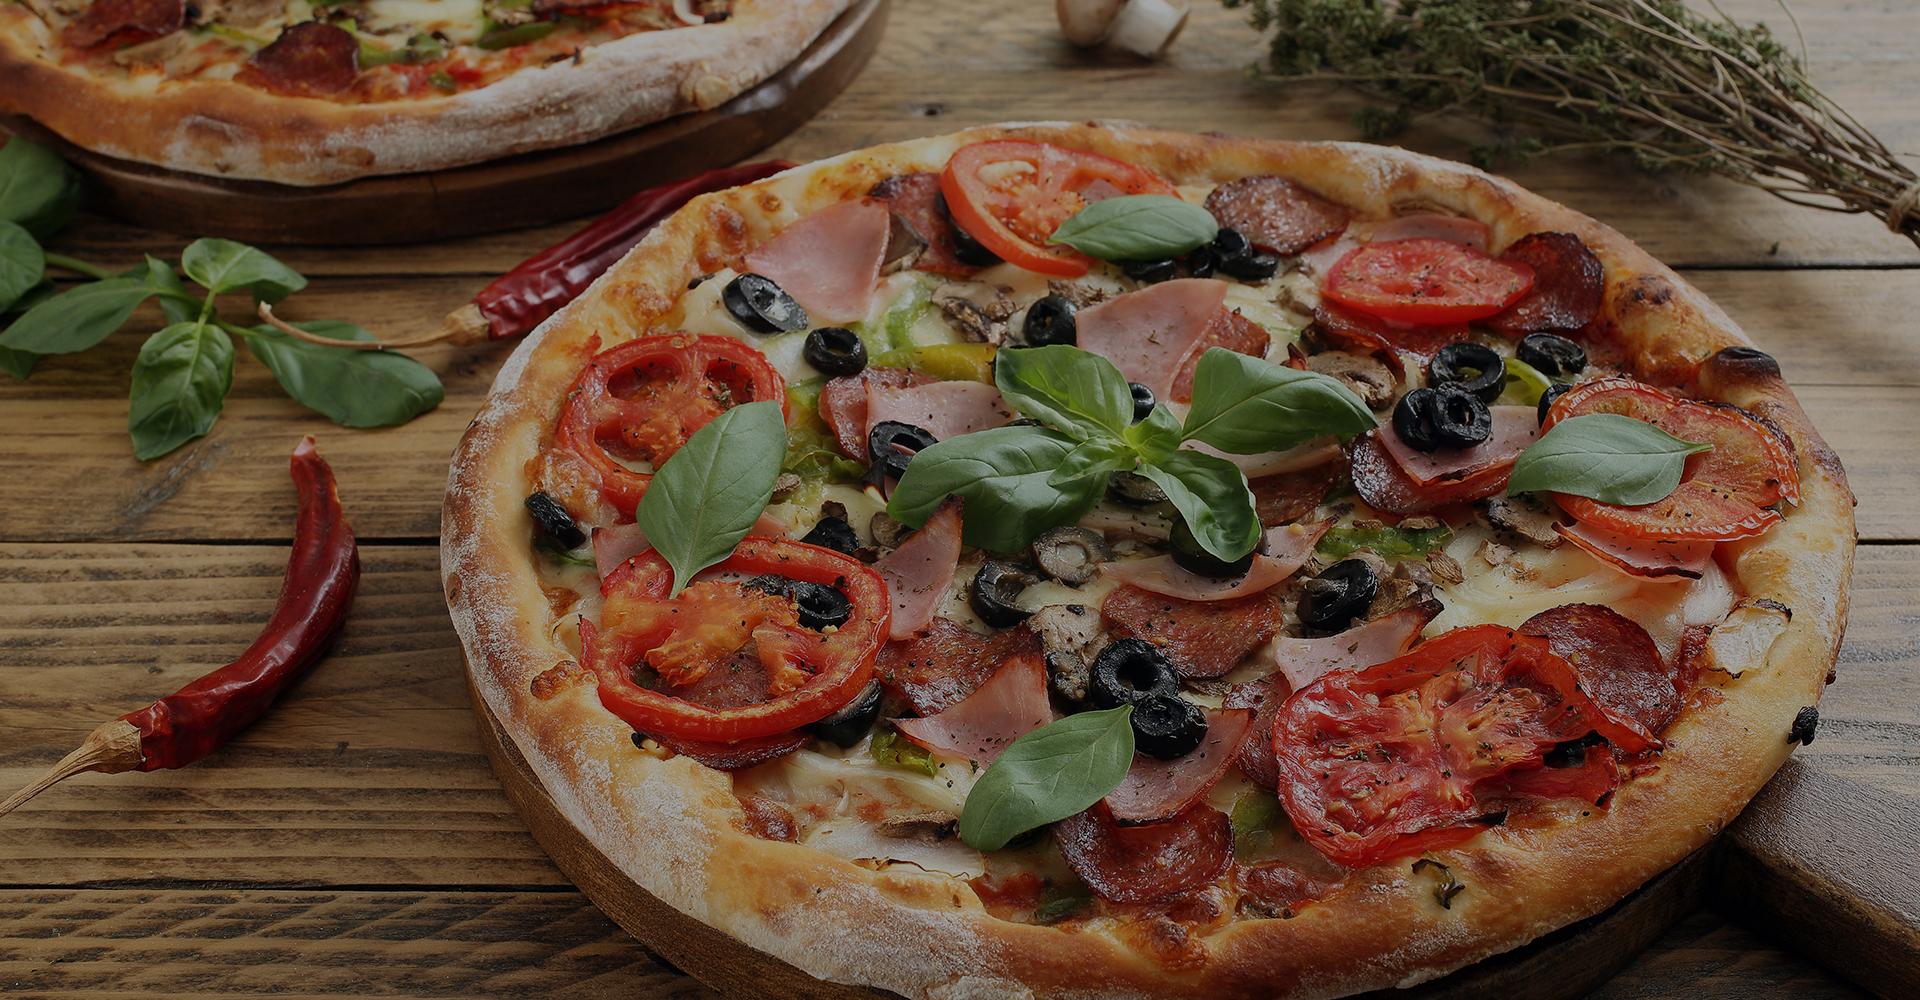 Boultham Pizza And Grill Boultham Pizza And Grill Lincoln